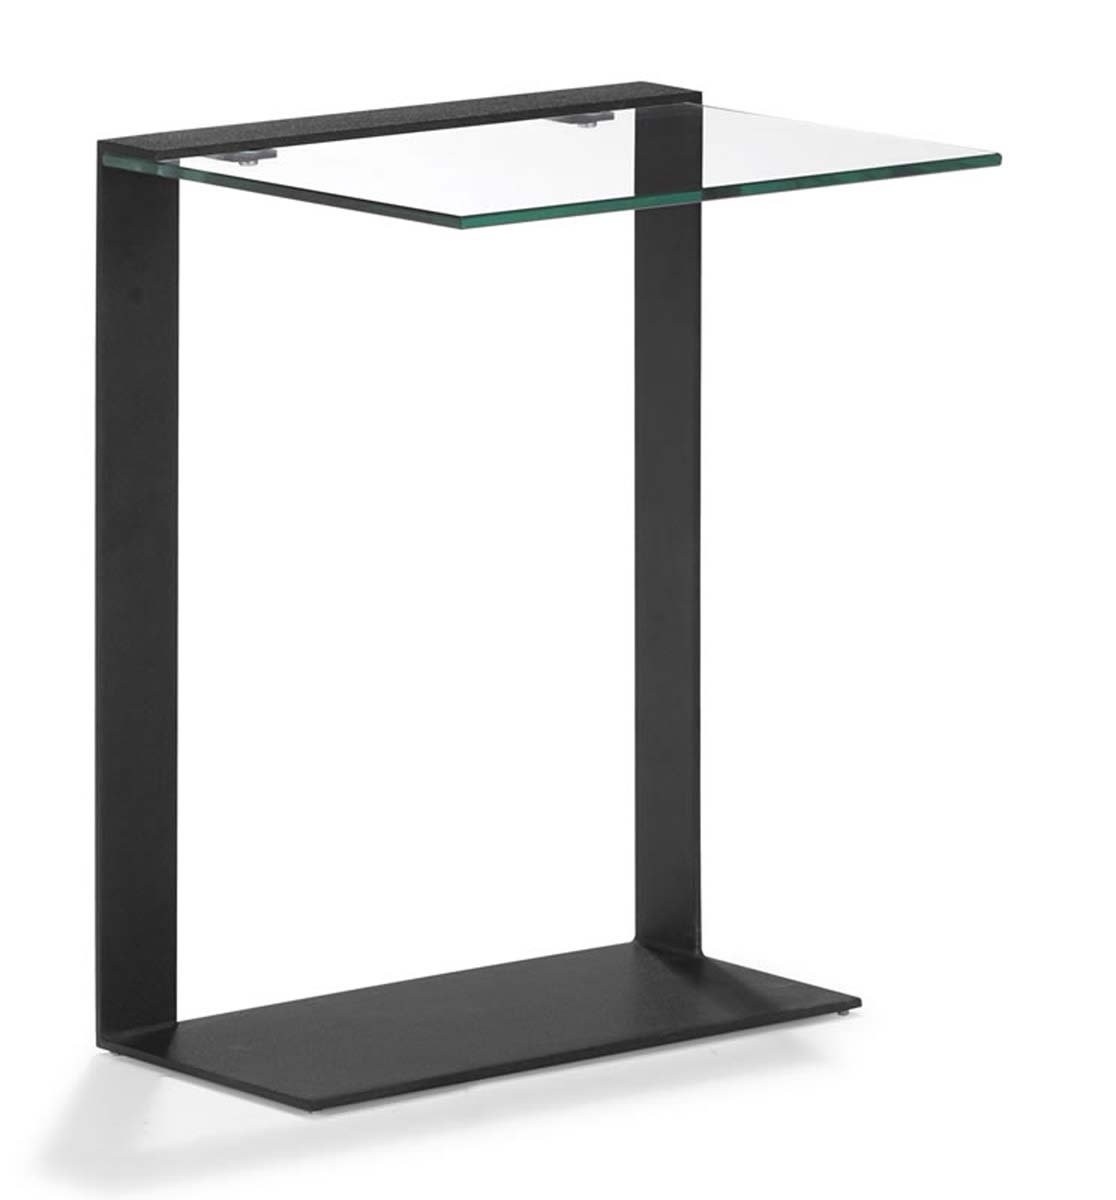 Zuo Modern Zeon Side Table - Black 404194